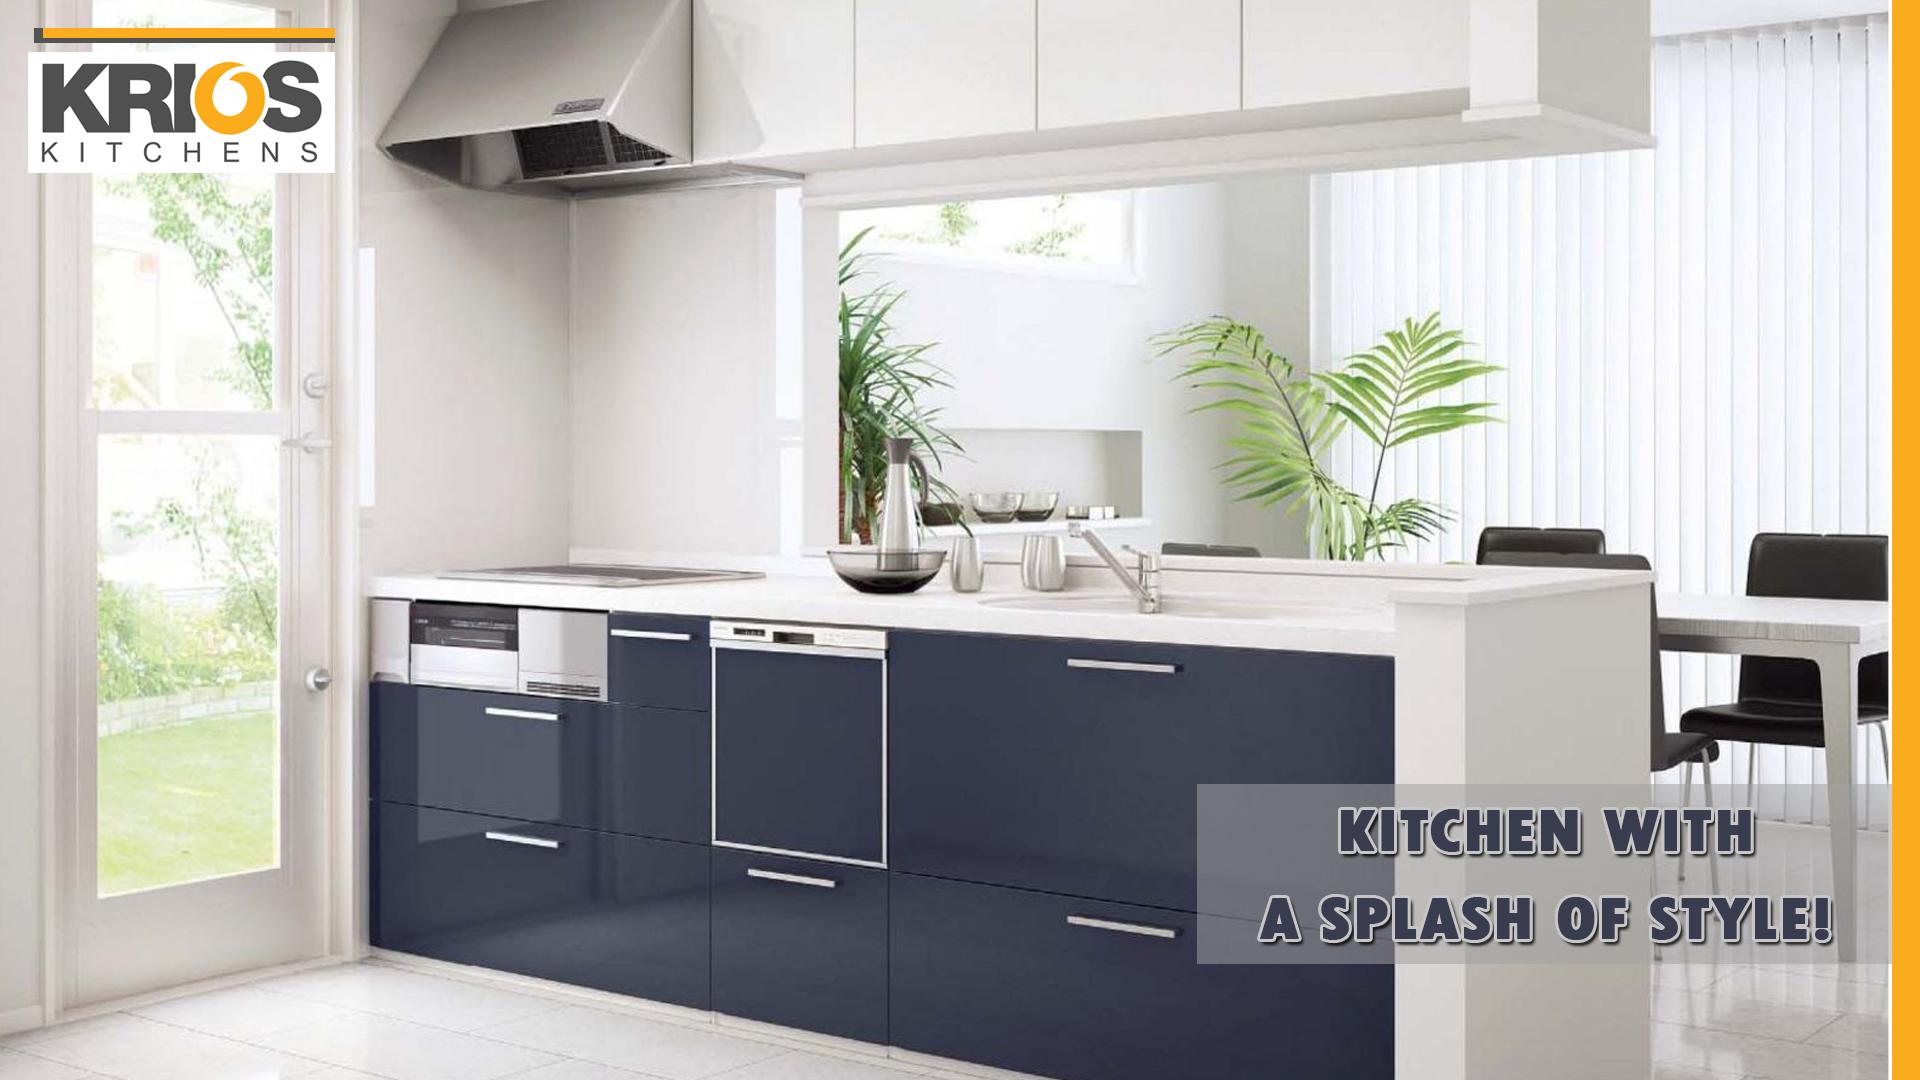 Modular Kitchens in Bangalore